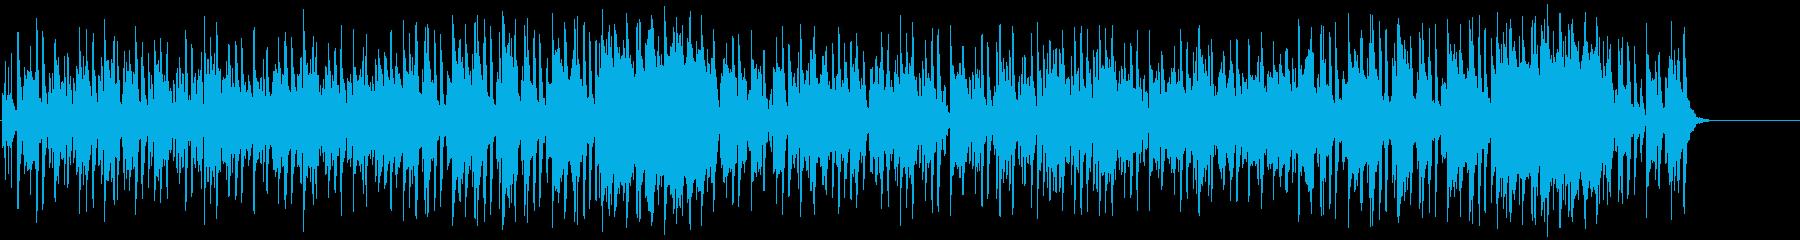 のんびりほのぼのムードのポップ/BGの再生済みの波形